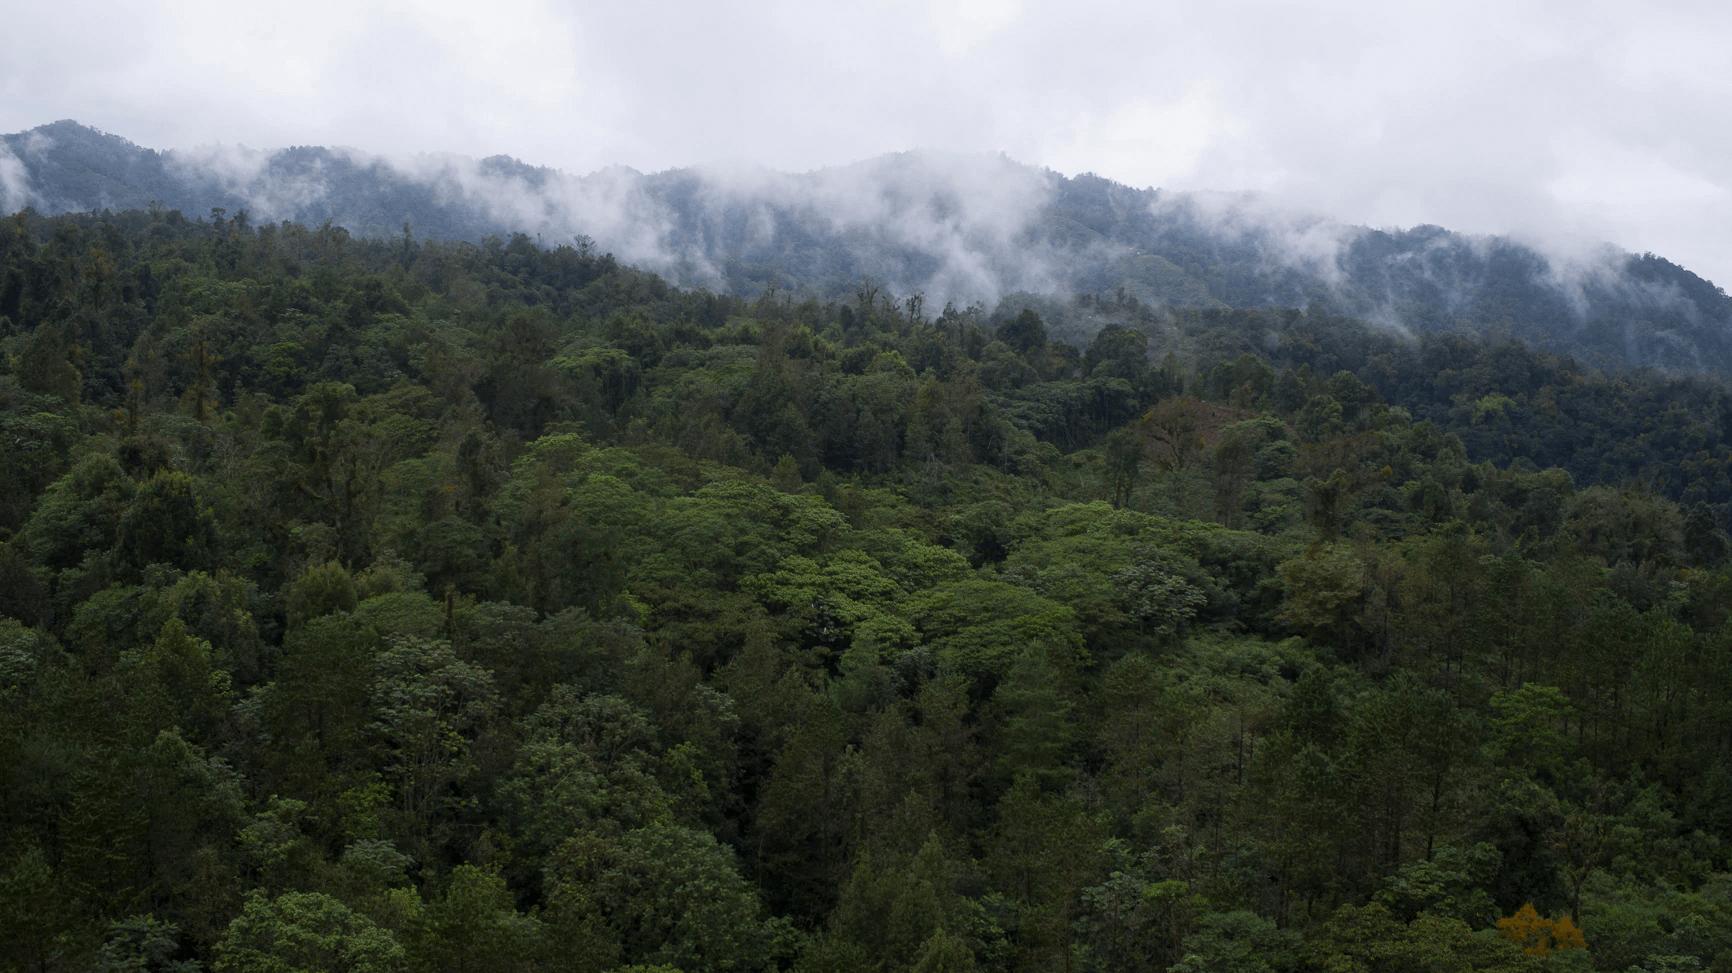 LX Legislatura, aprueba en Comisión exhorto para la preservación y protección de zonas forestales en la entidad